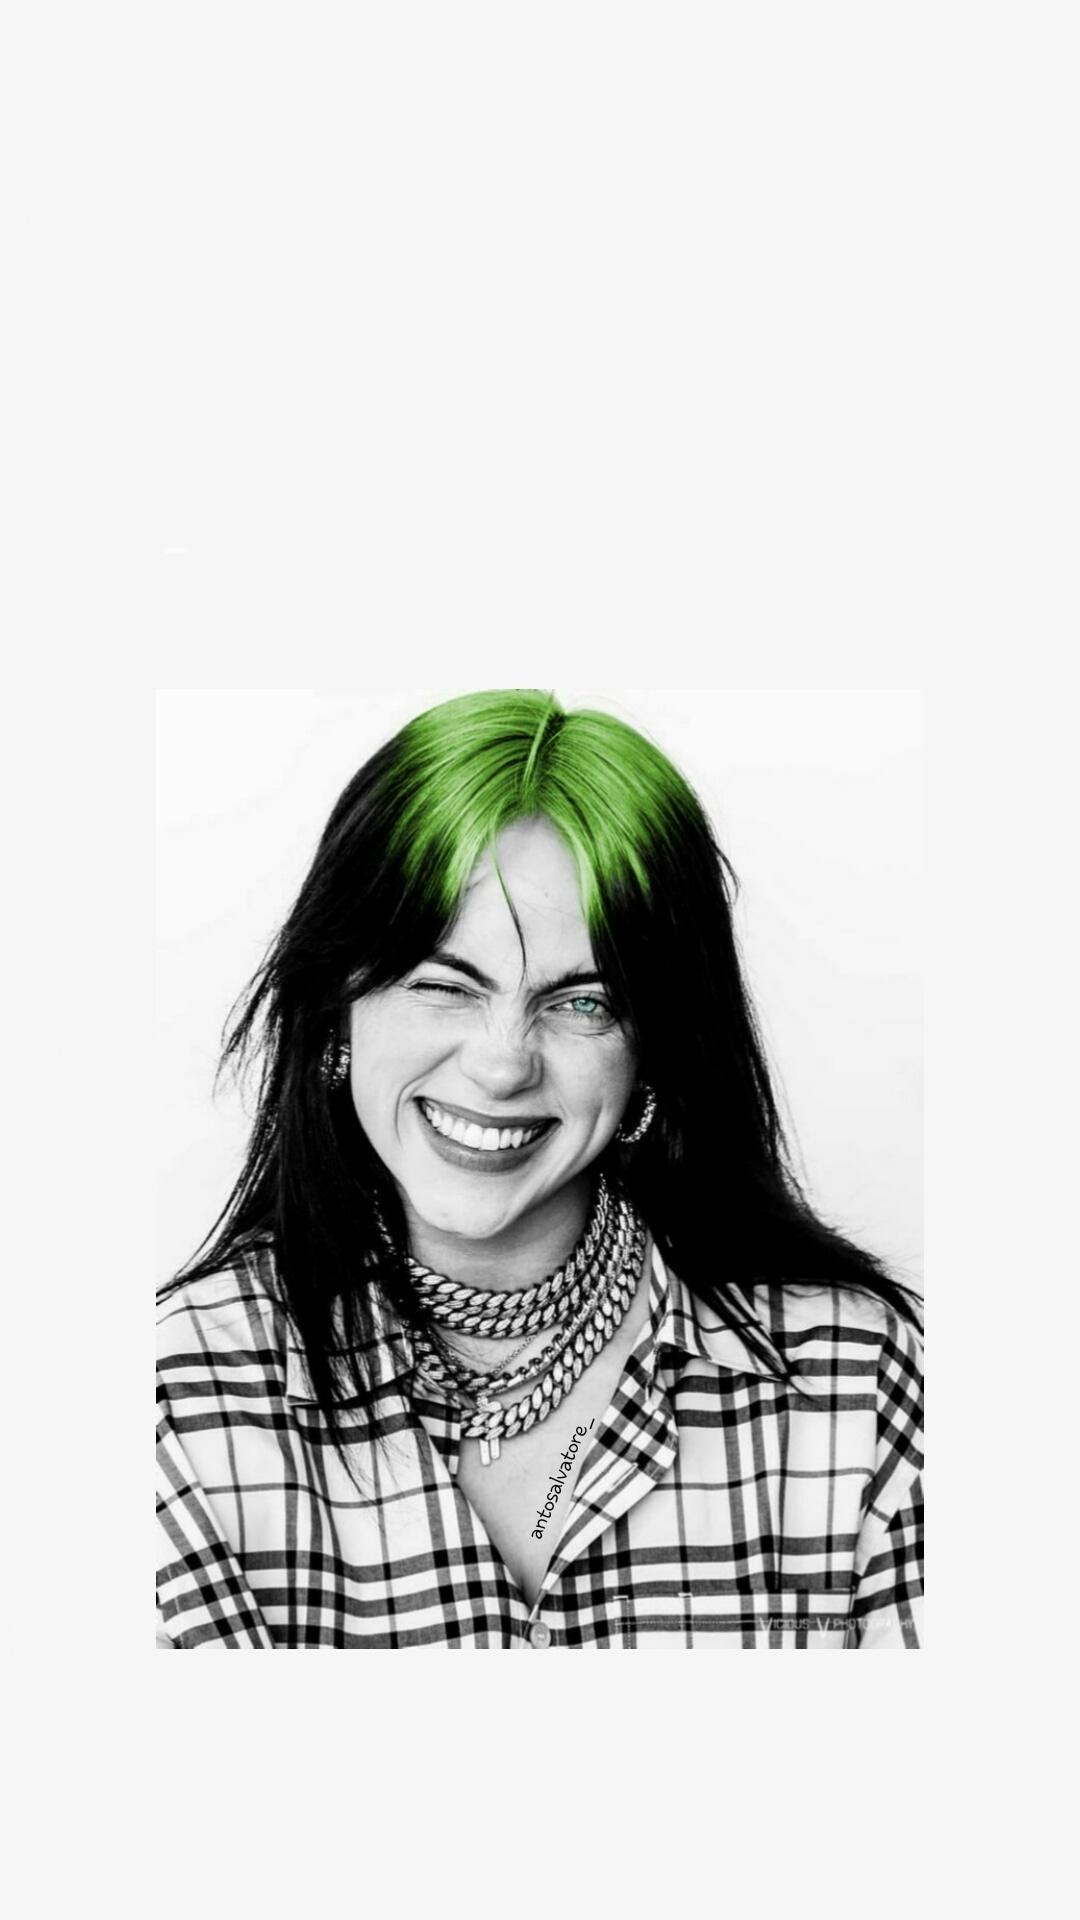 Billie Eilish 2020 Wallpapers 1080x1920